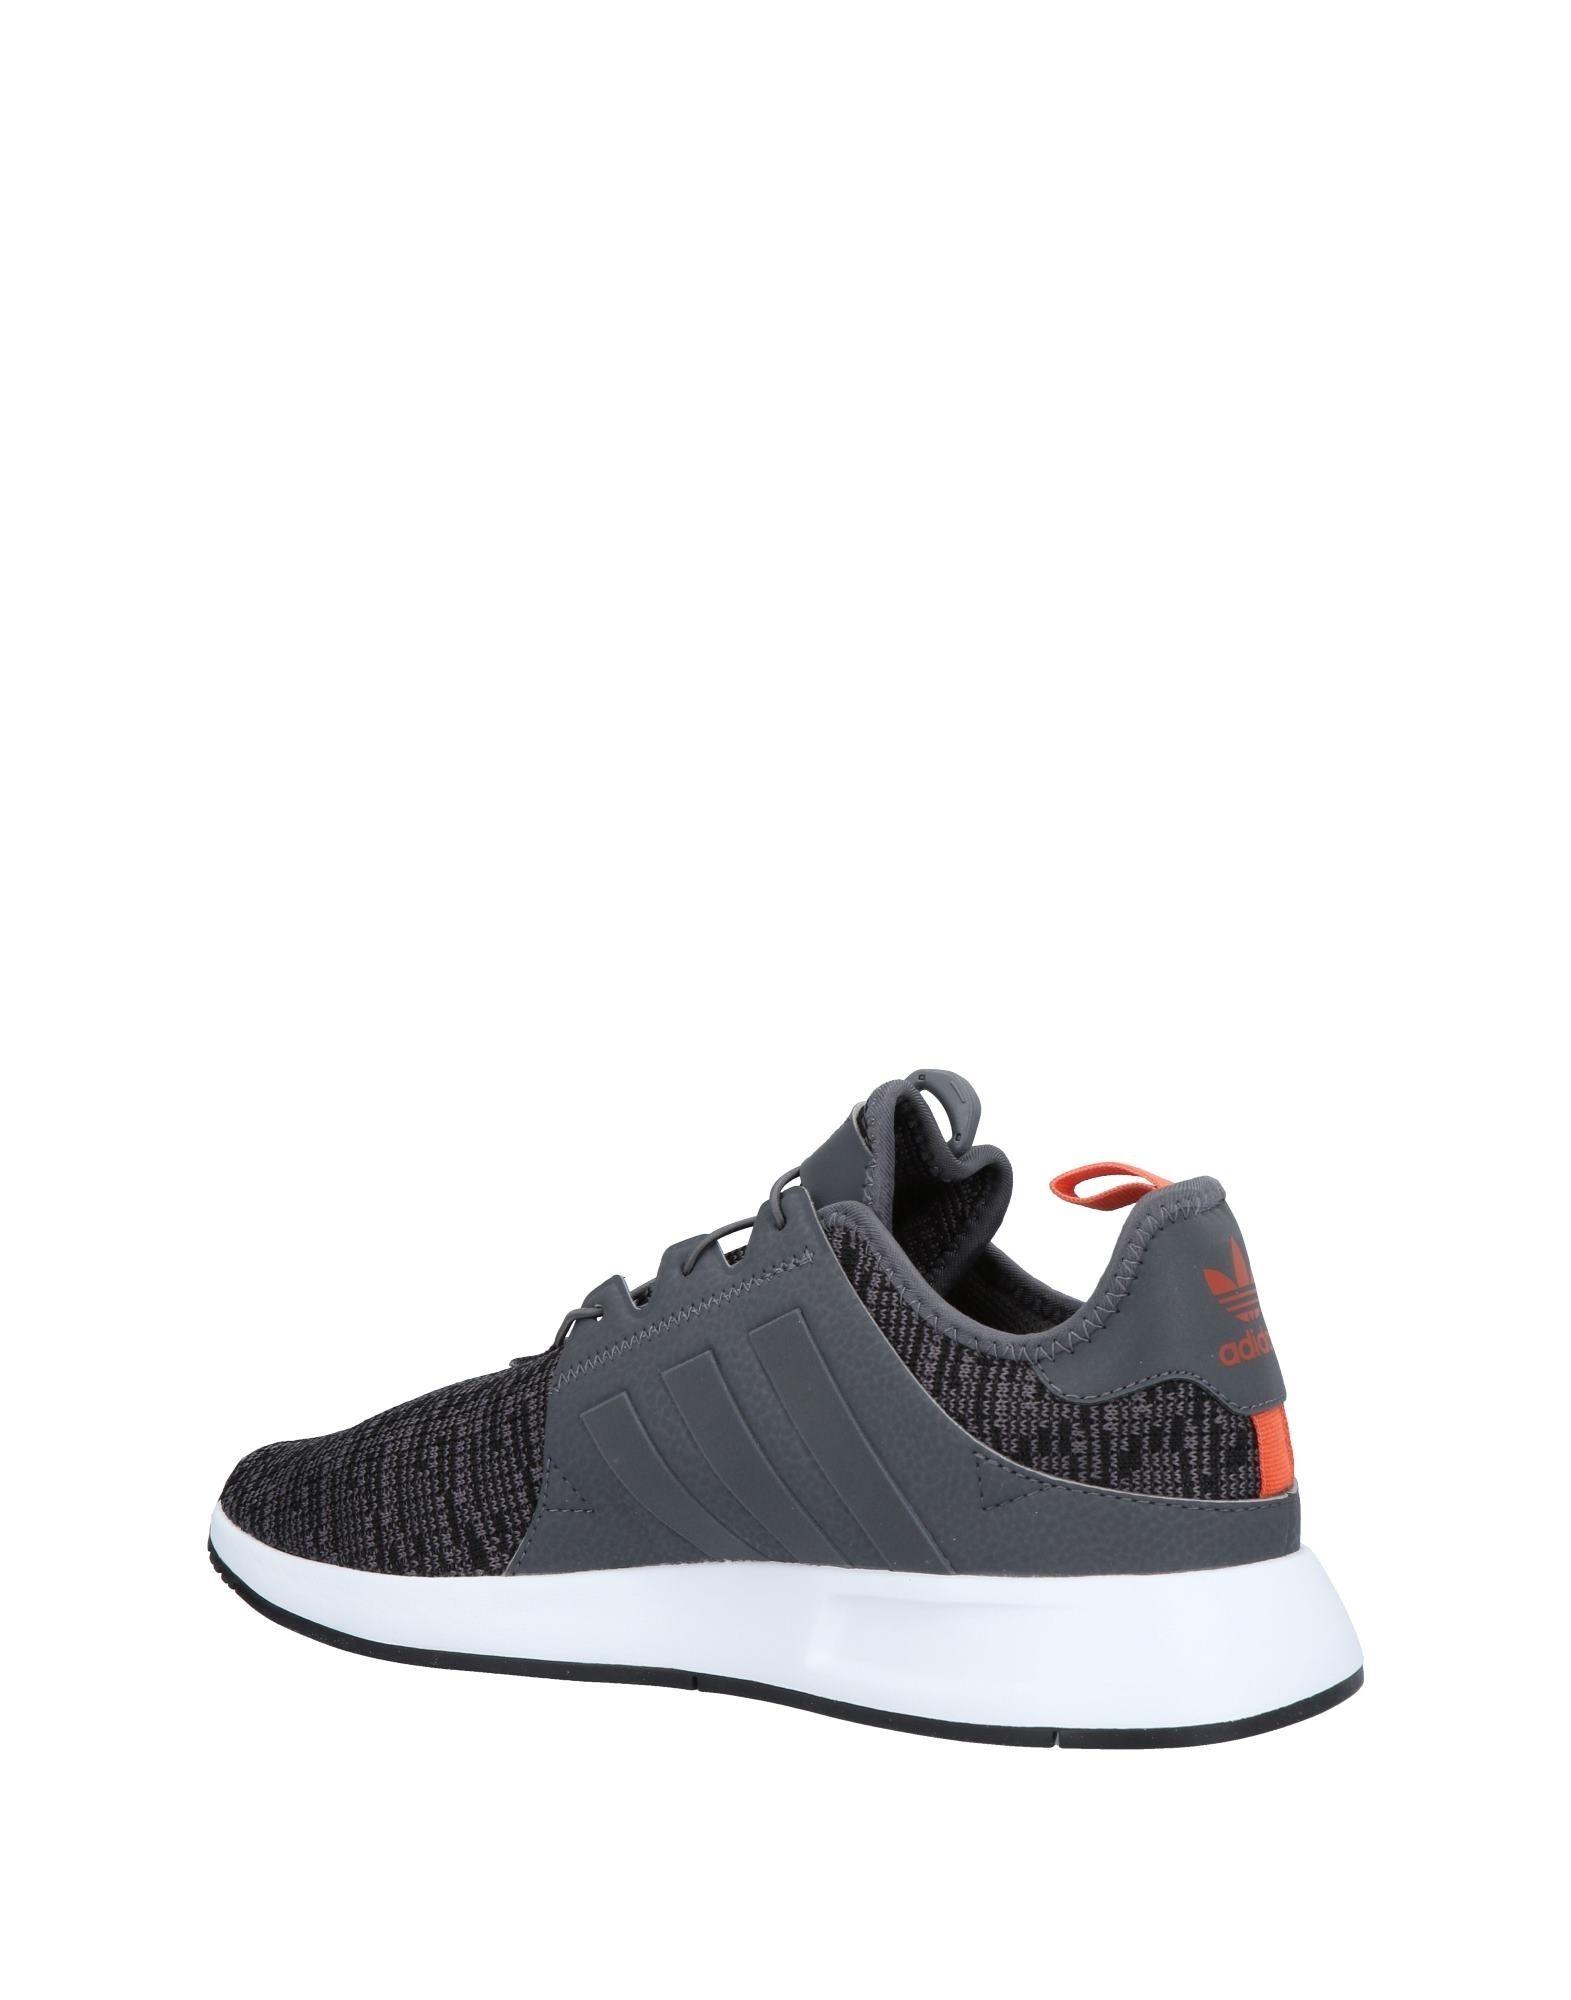 Adidas Originals Herren Sneakers Herren Originals  11468208JA 350bf0